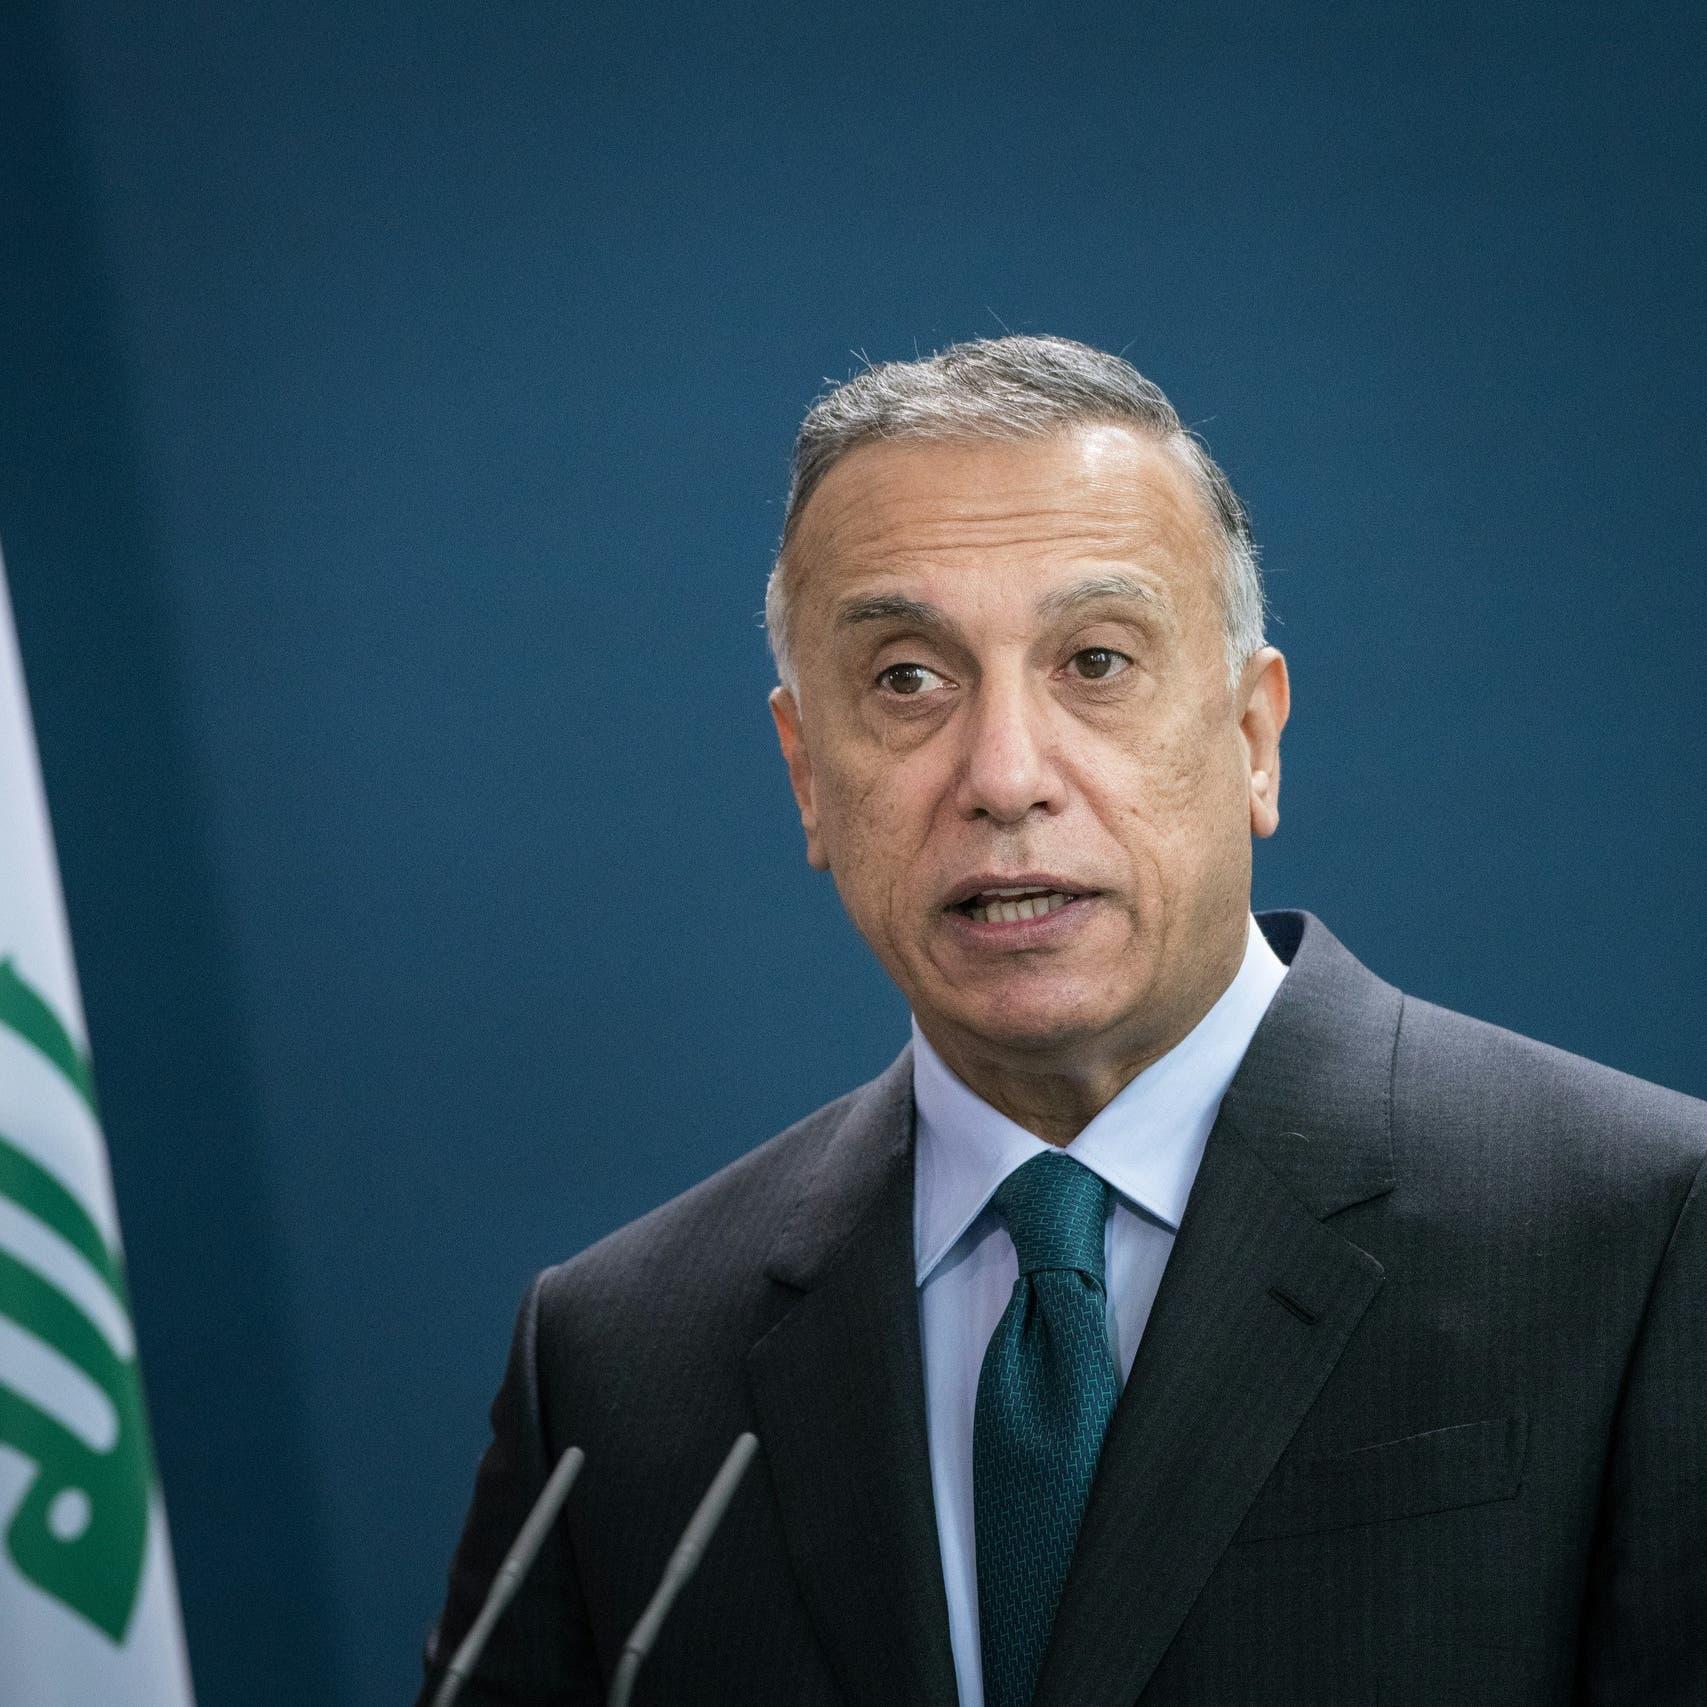 الكاظمي يدعو لحوار وطني على كافة المستويات يضمن وحدة العراق